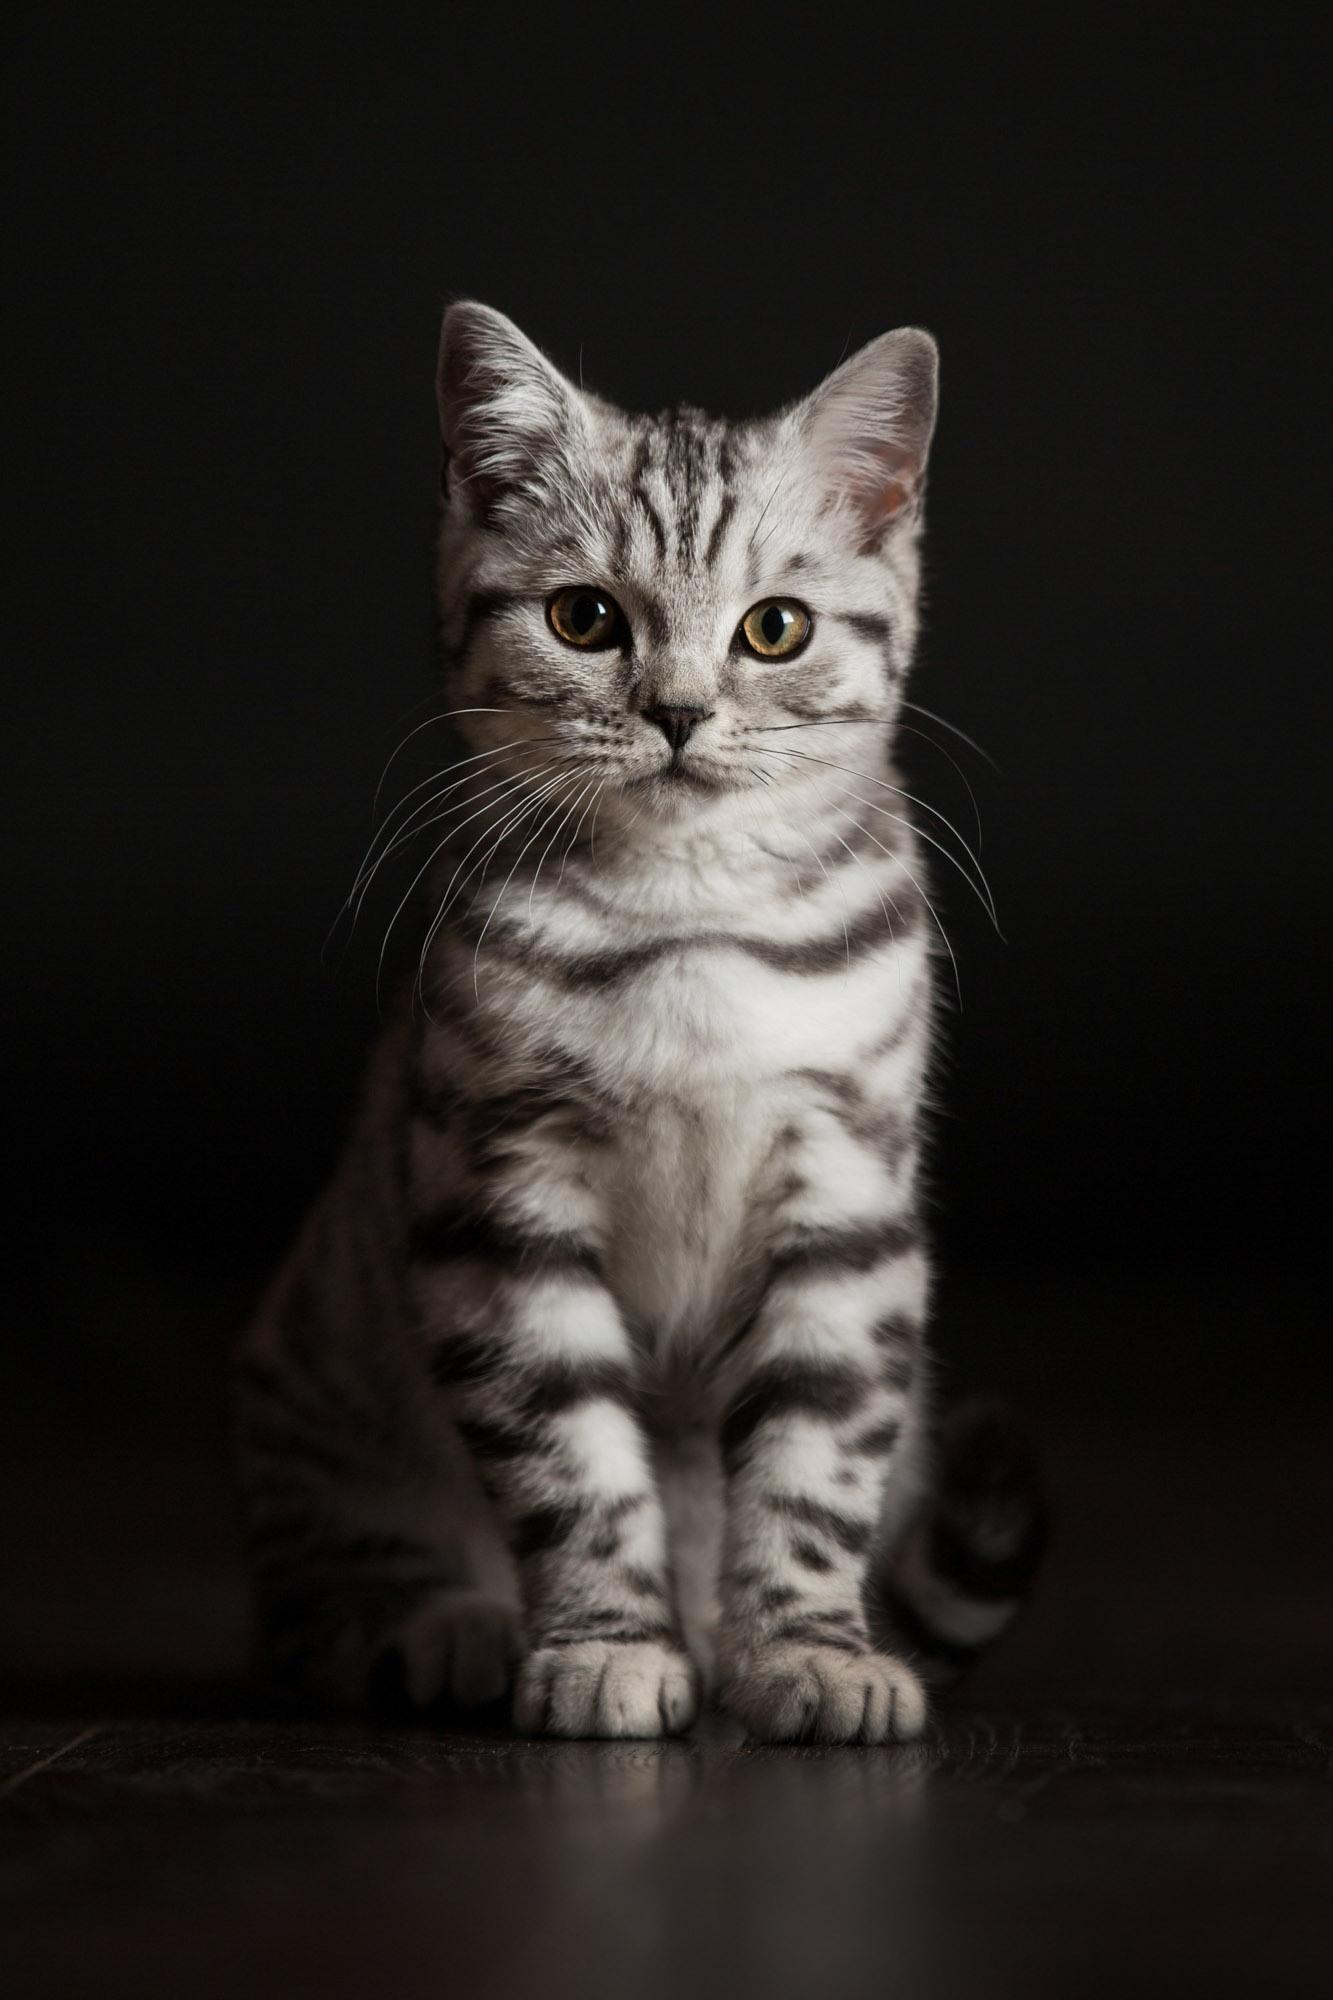 A cat photograph taken by Jonathan Addie, an Aberdeen based pet photographer.